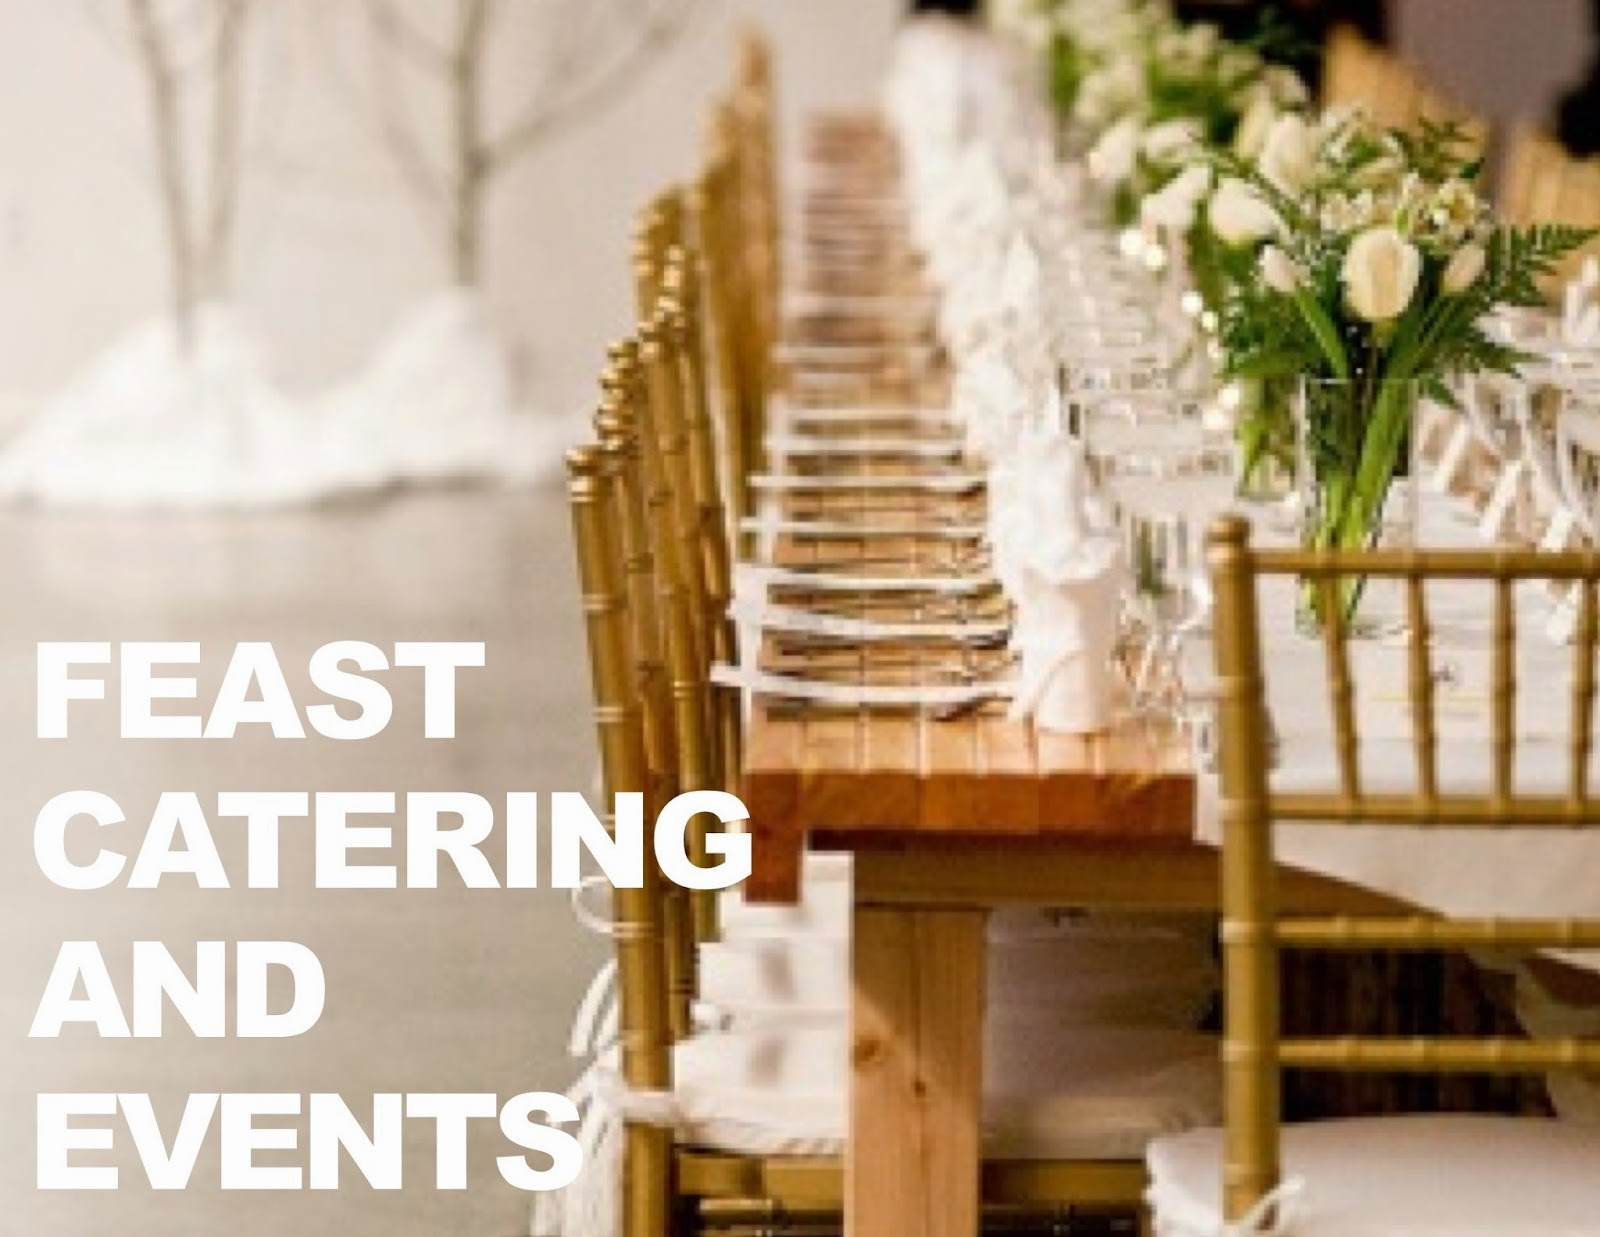 Feast Catering Co., in Spokane WA